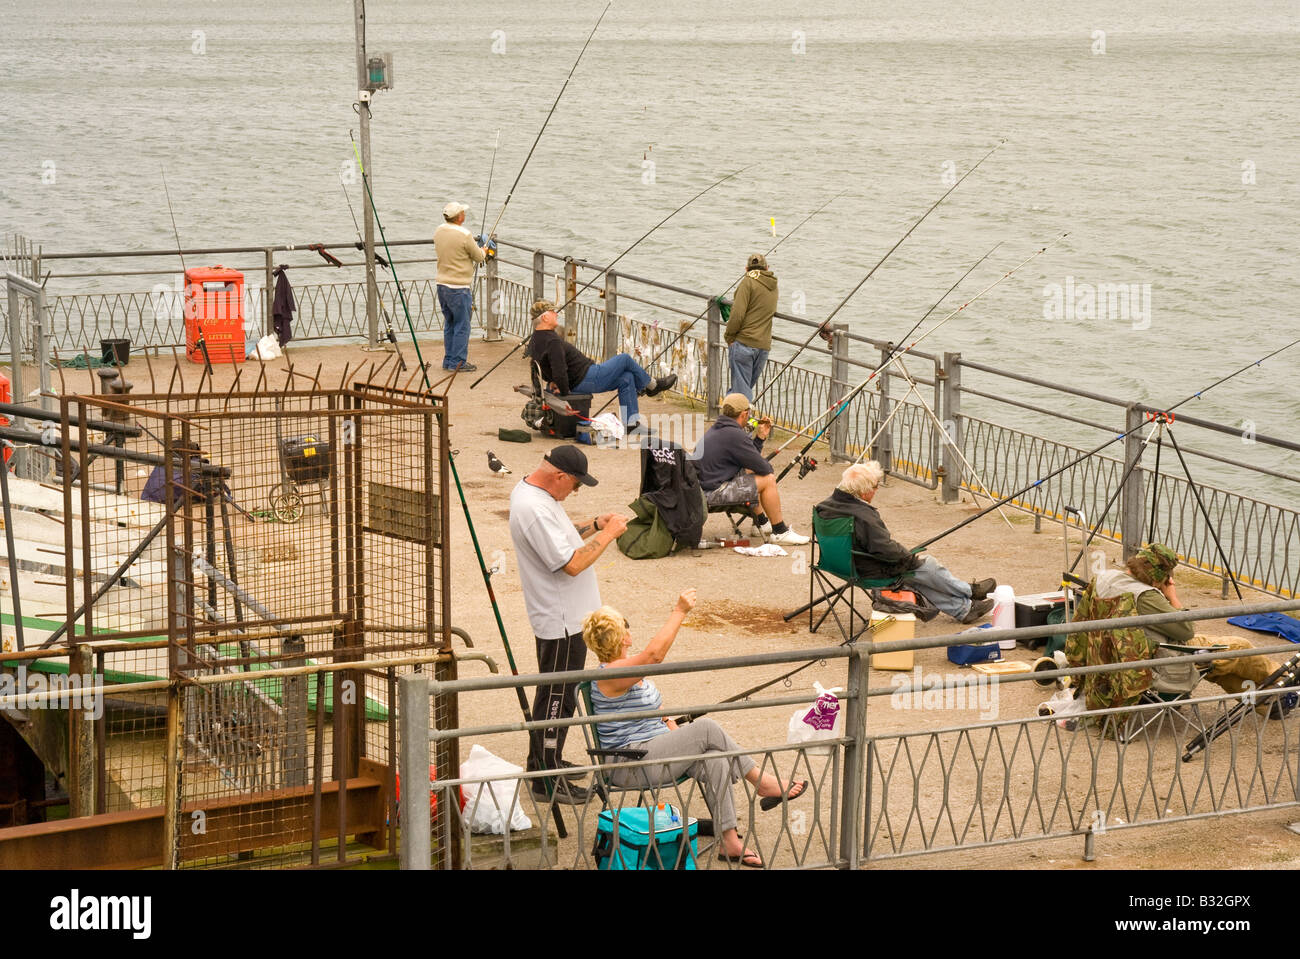 Pesca sportiva off Llandudno Pier Immagini Stock